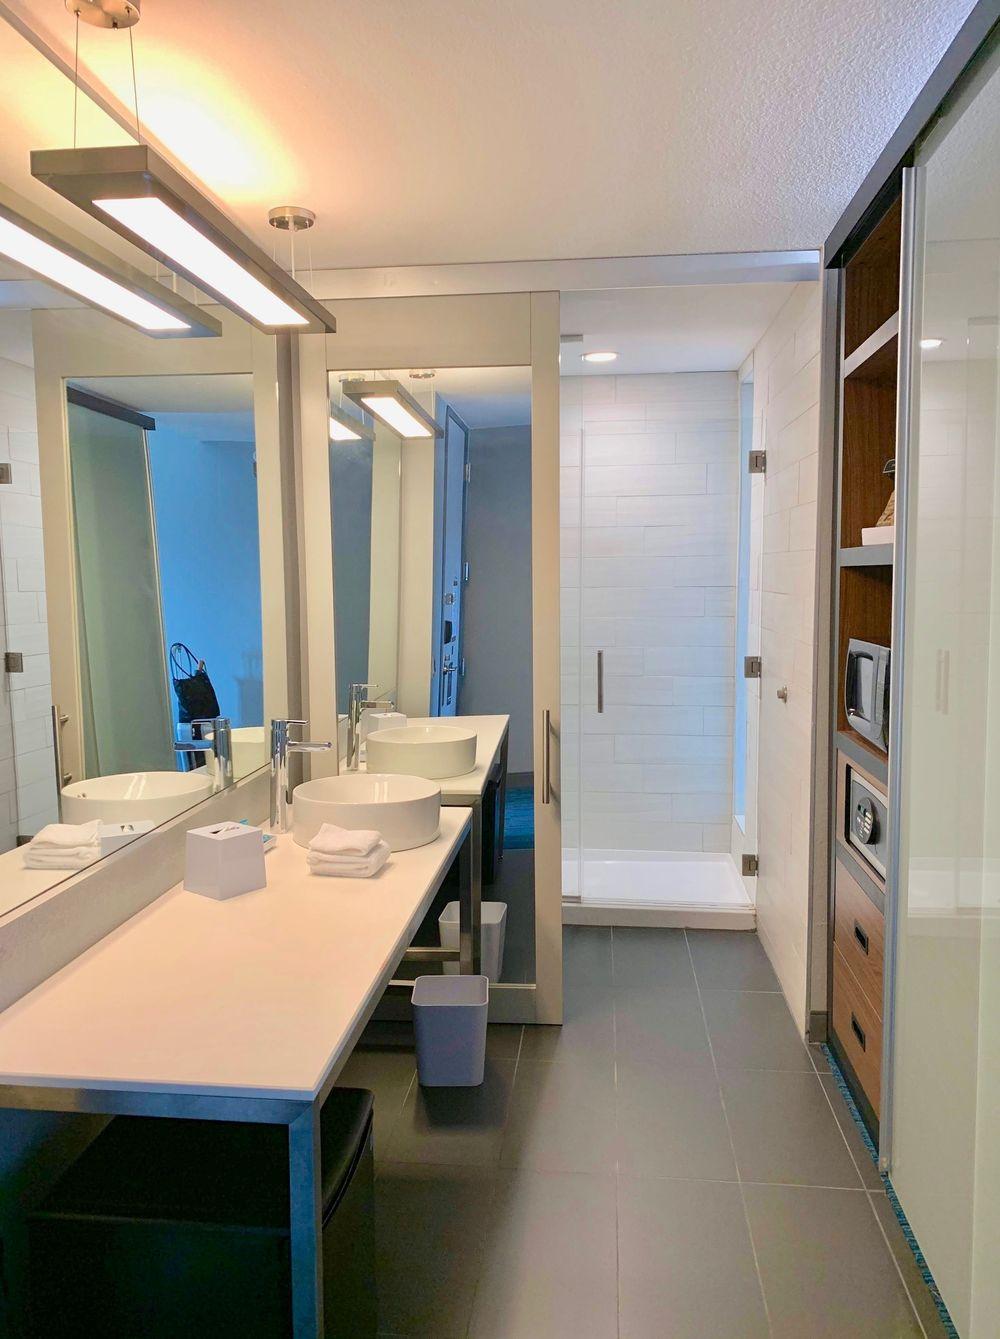 Spacious Bathroom at the Corpus Christi Aloft Hotel